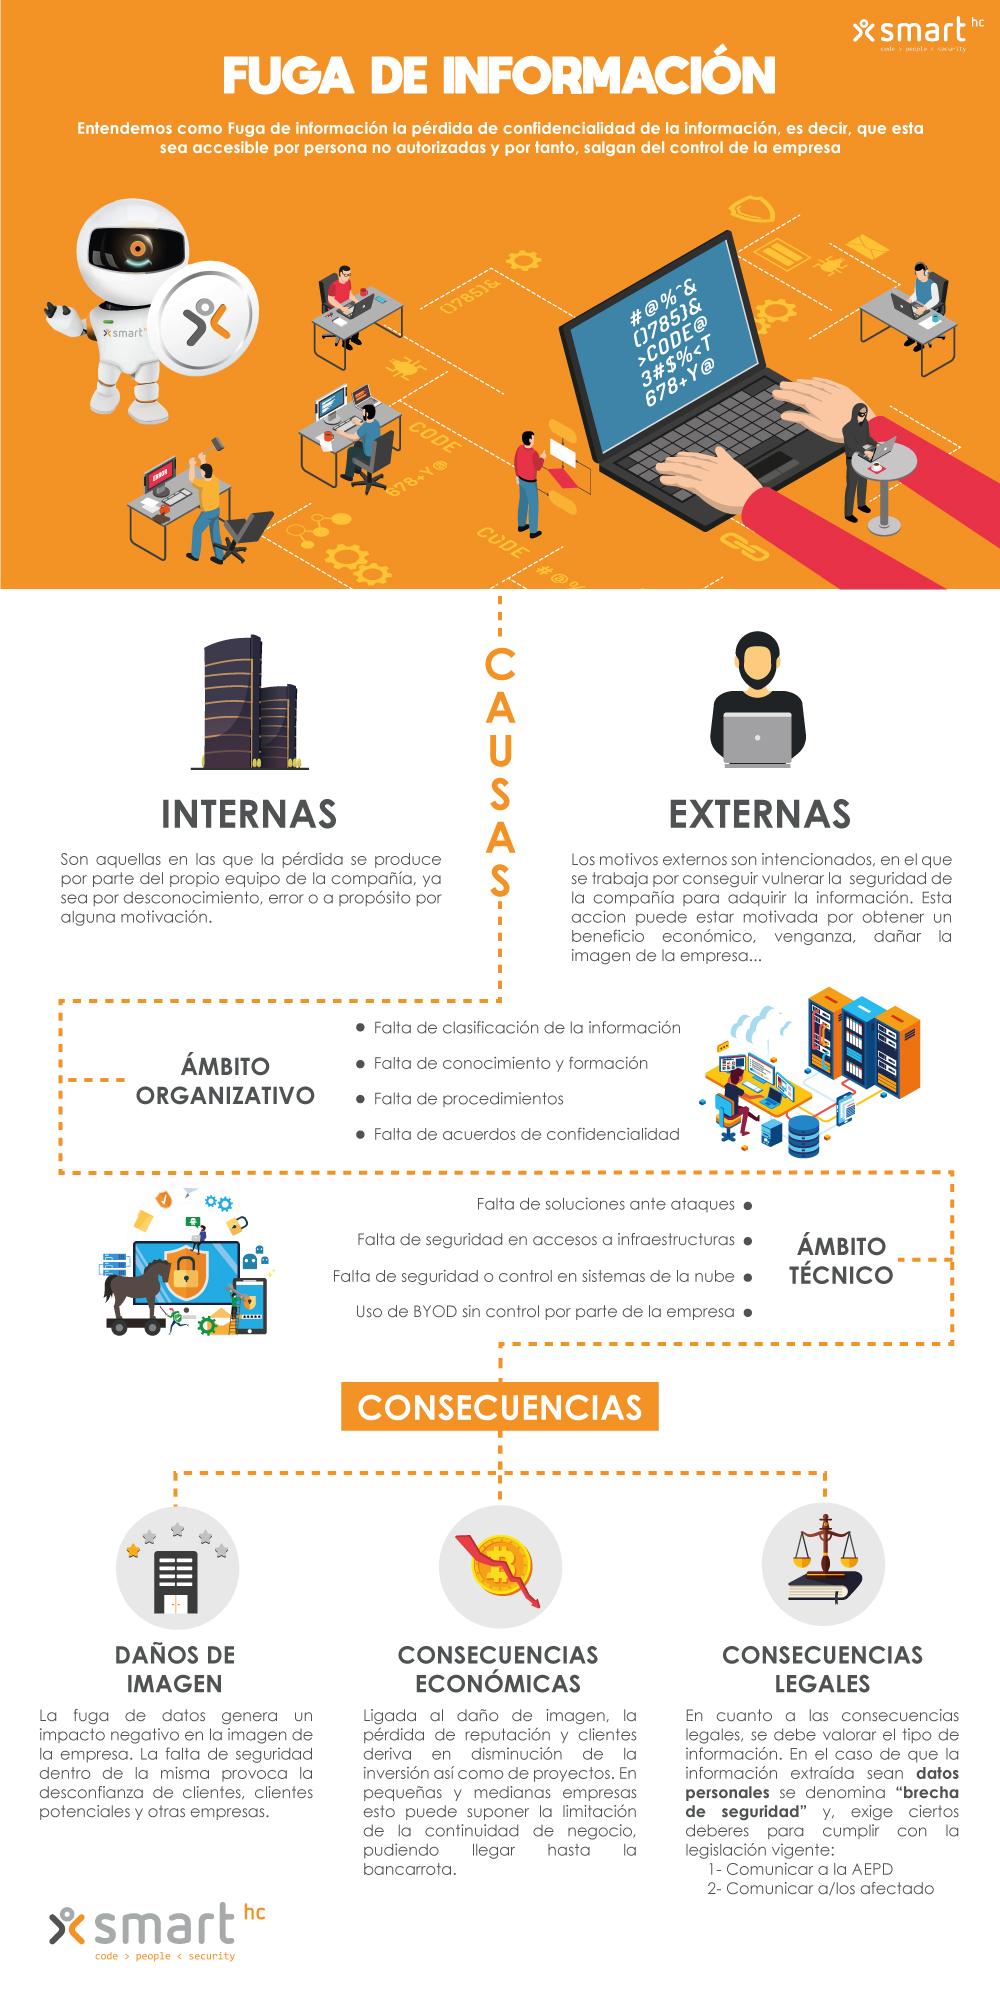 SHC_Fuga_de_informacion